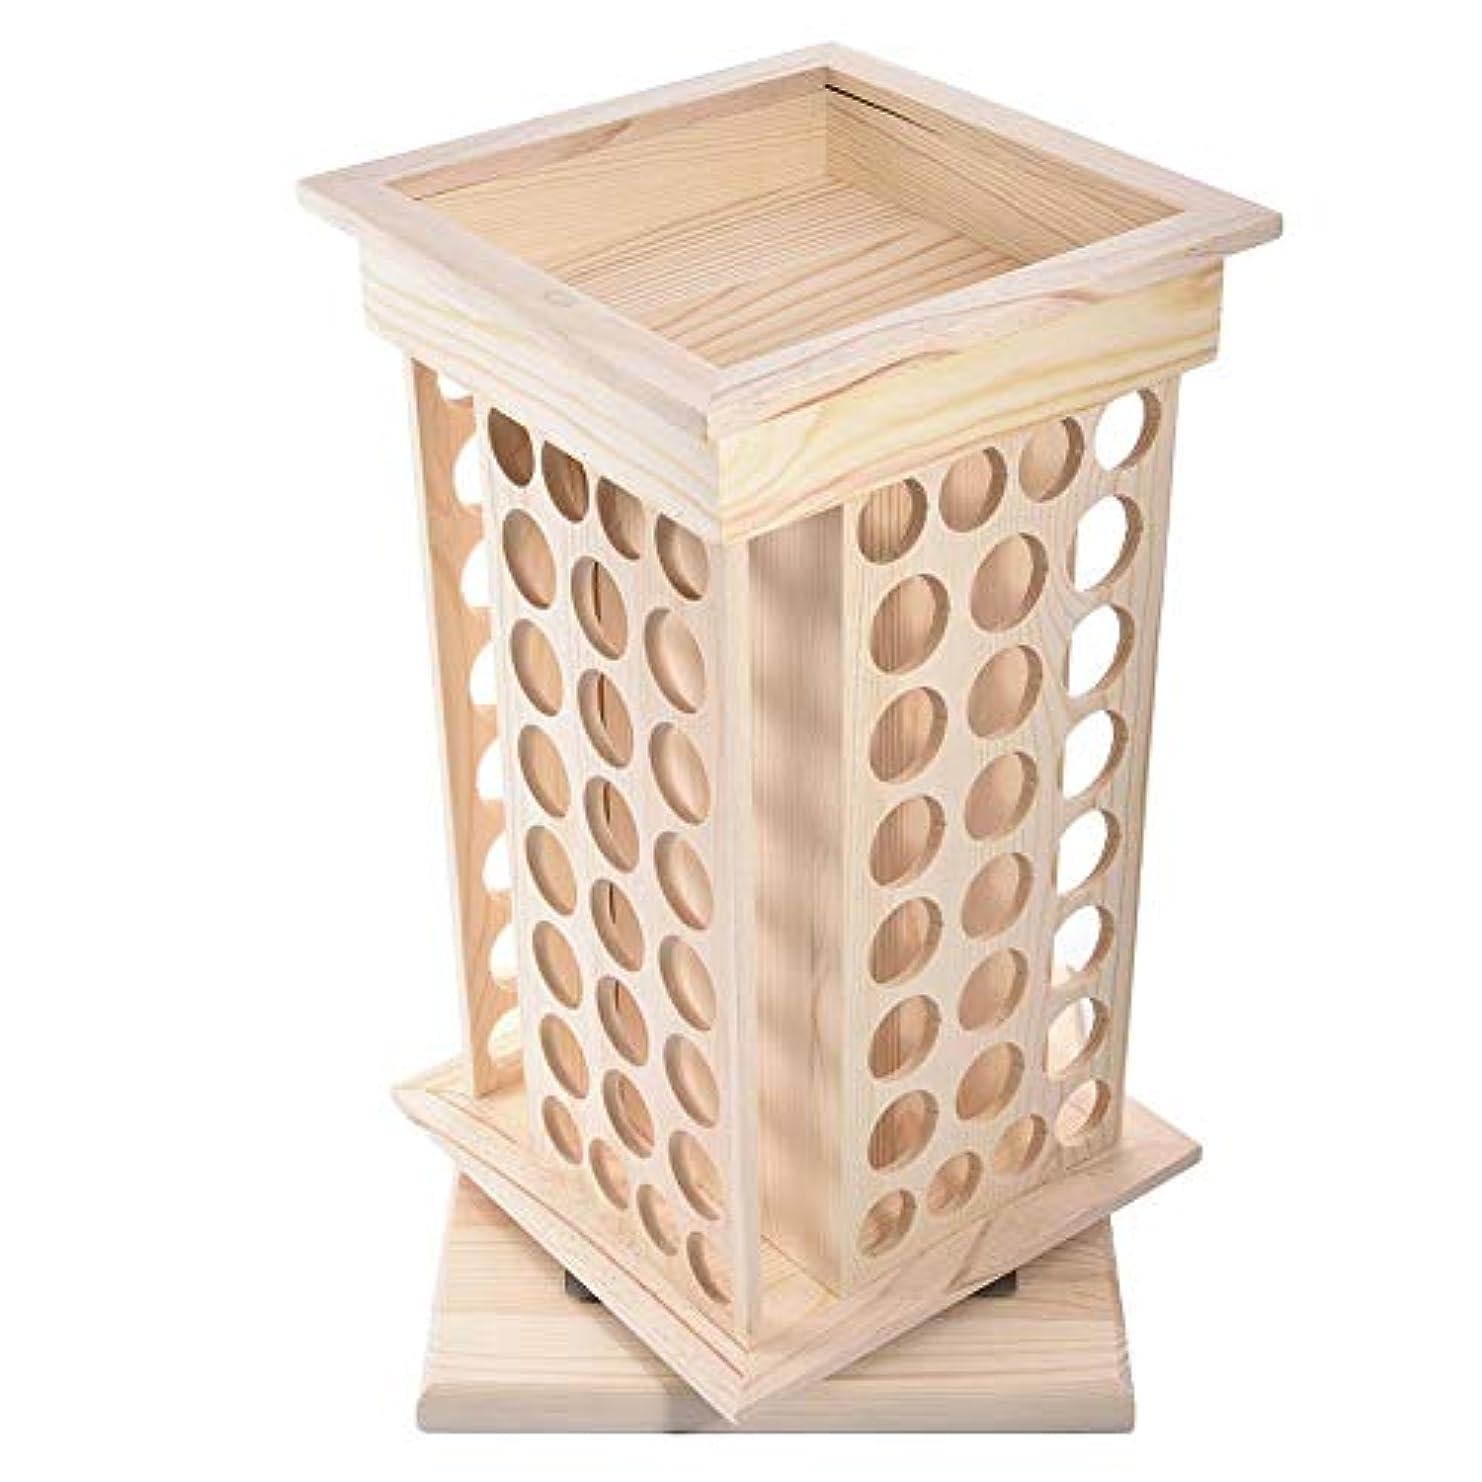 侵入する錫うまくやる()Pursue アロマオイルスタンド 精油収納 香水展示スタンド エッセンシャルオイル収納 木製 104本用